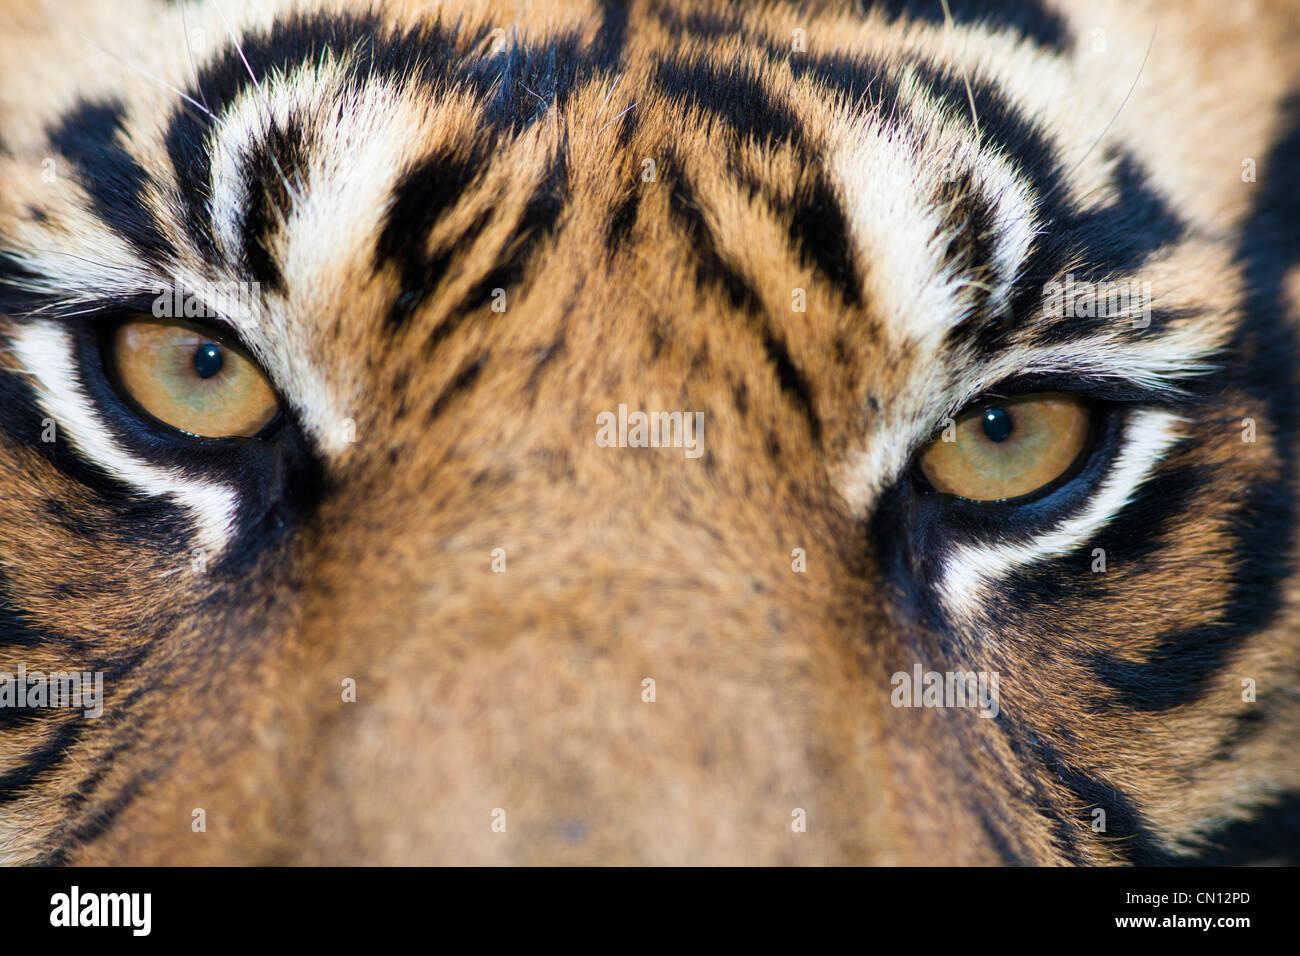 Tiger Bengal - Panthera tigris - close portrait Stock Photo